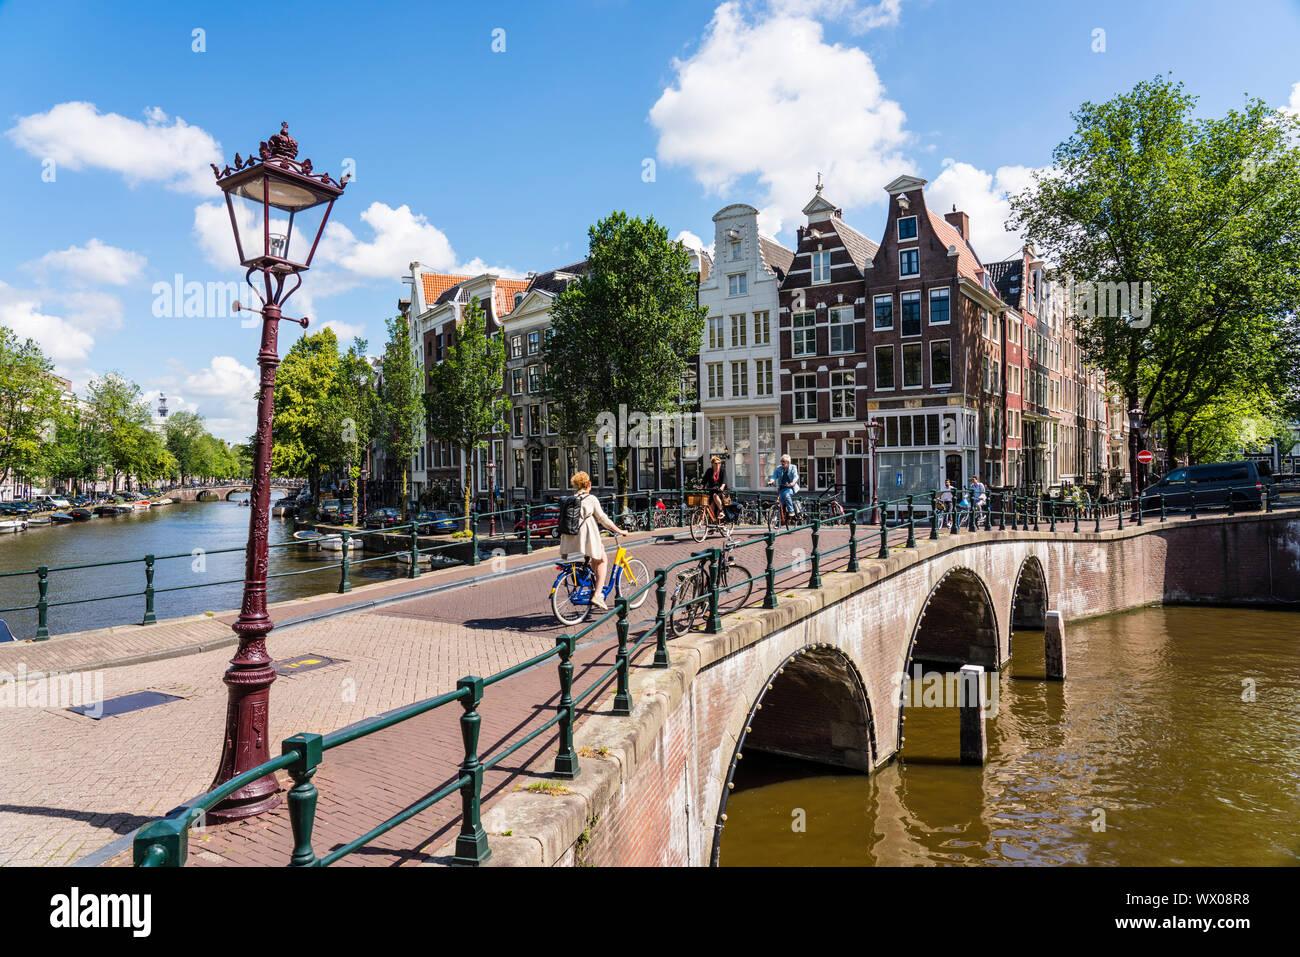 Vieux immeubles à pignons et pont sur Keisersgracht canal, Amsterdam, Hollande du Nord, les Pays-Bas, Europe Banque D'Images